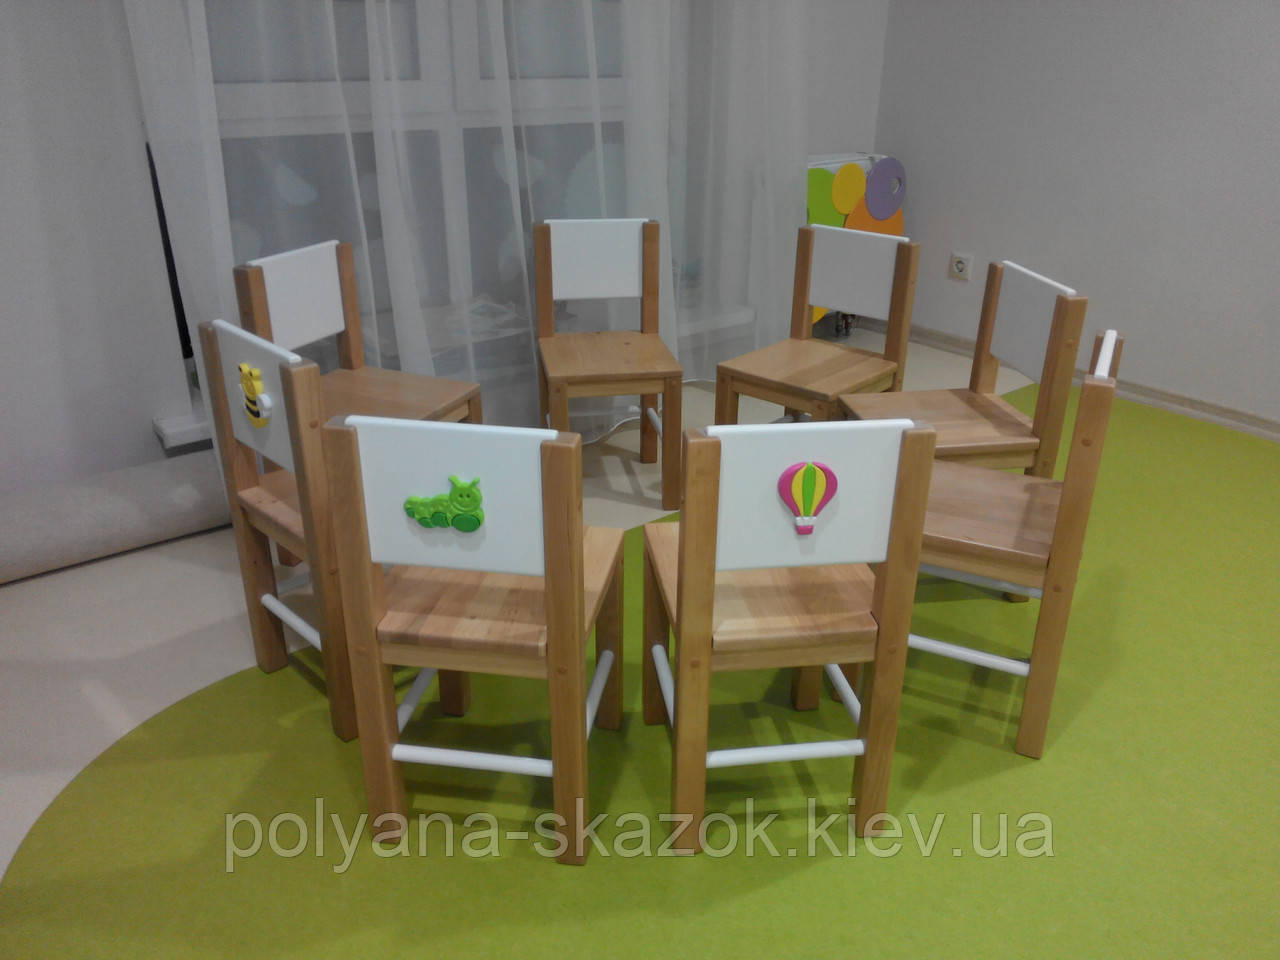 """Деревянный стульчик для детей """"курисо"""" киндермебель."""